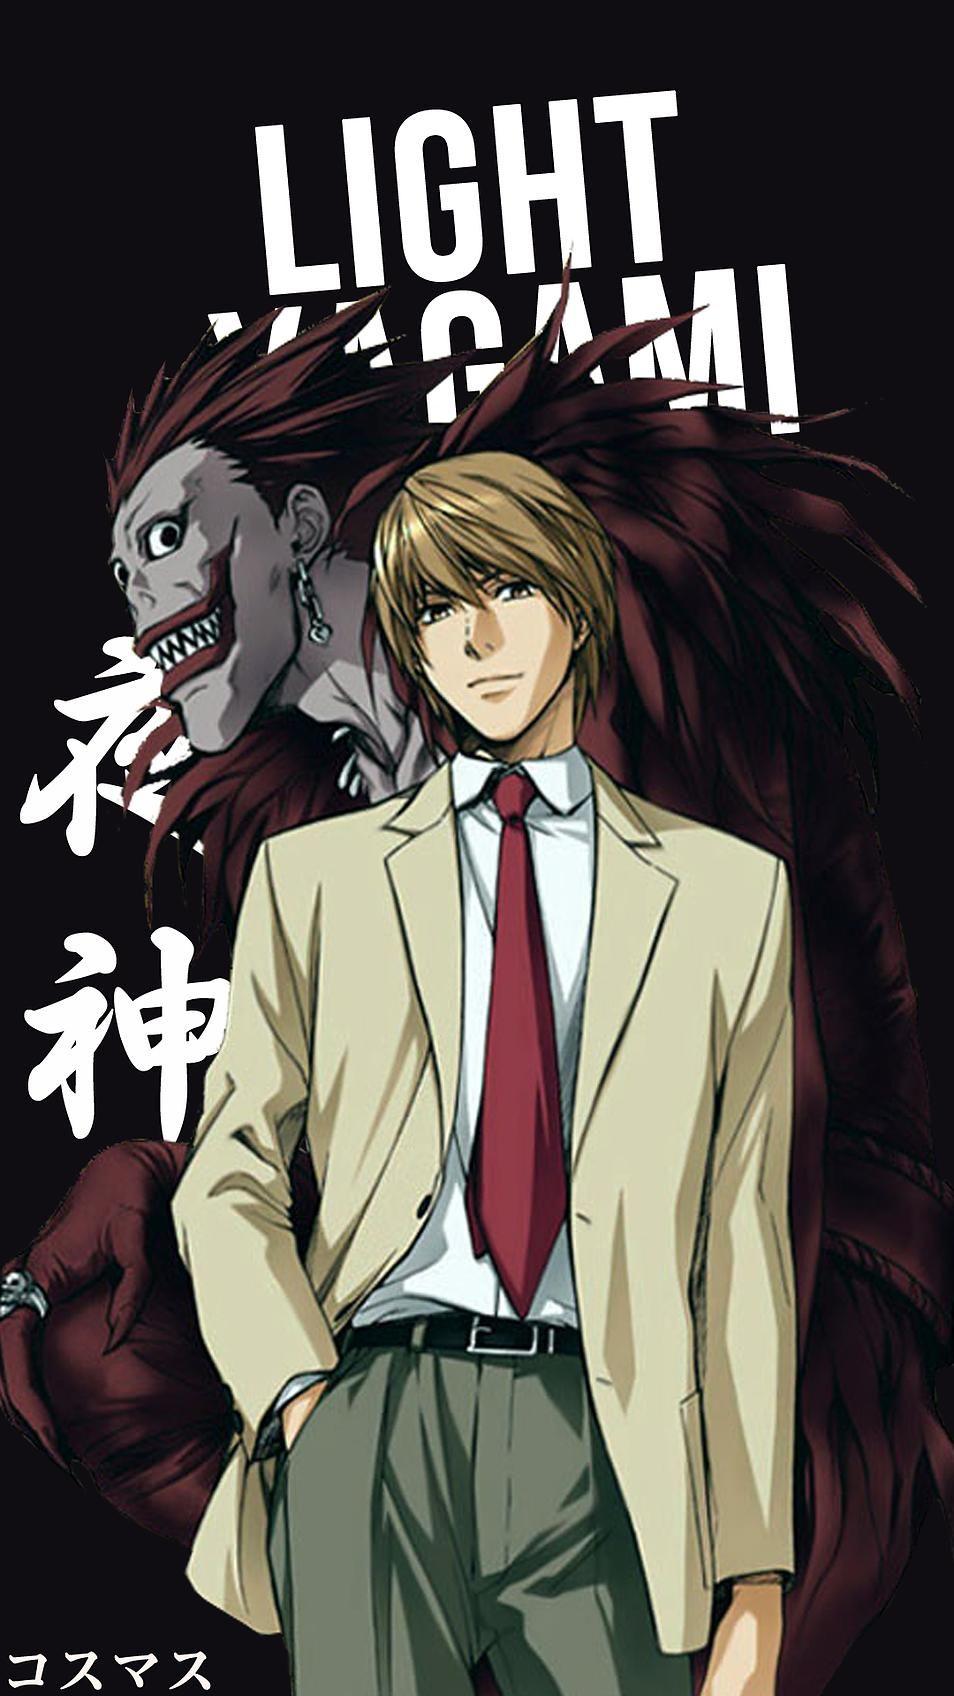 Light Yagami Garotos Anime Tudo Anime E Personagens De Anime